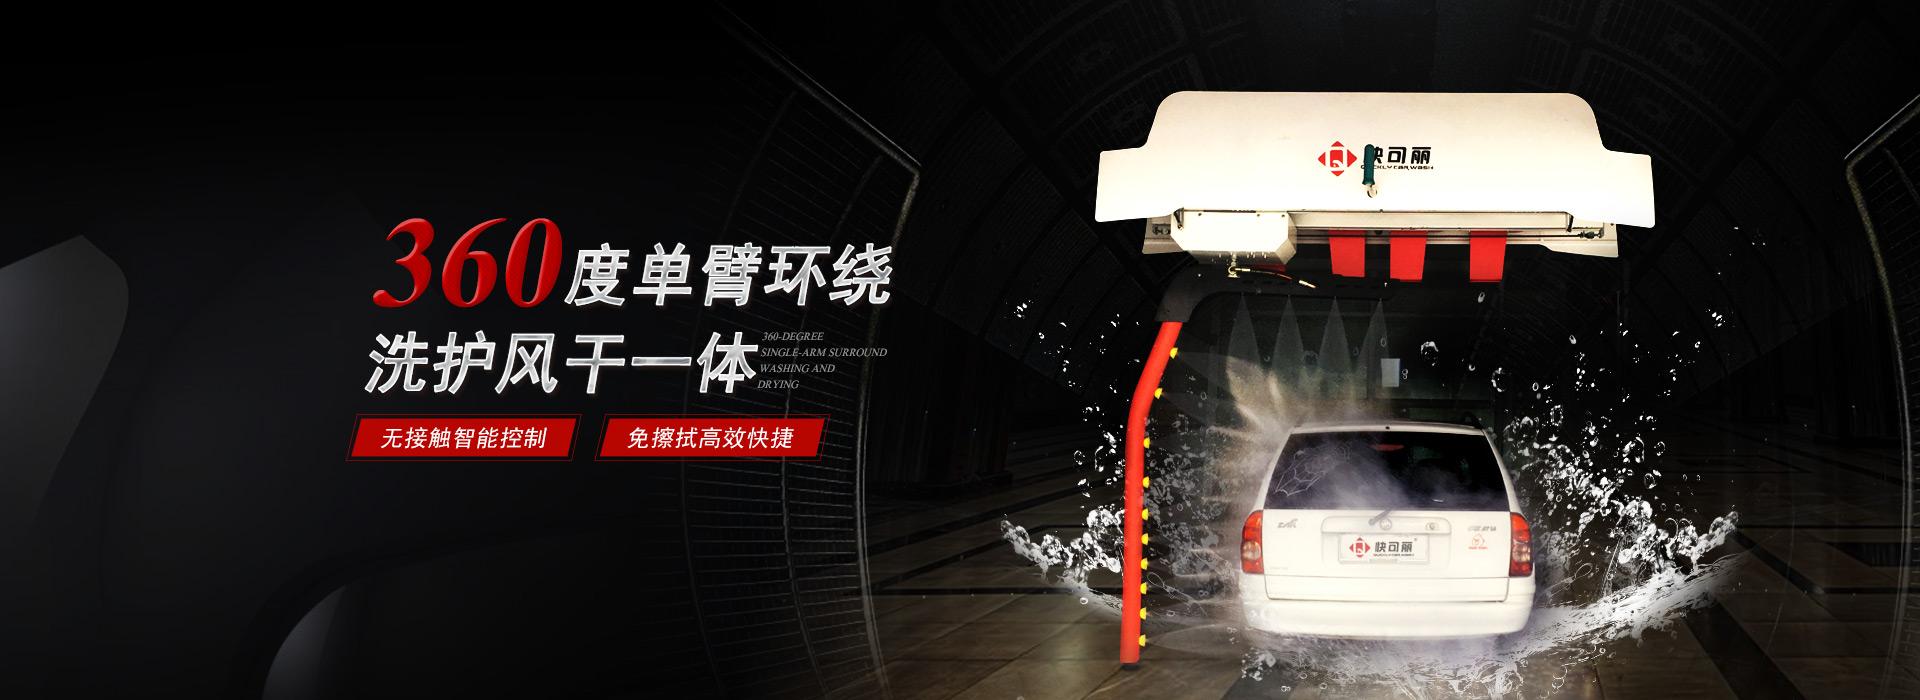 隧道式自动洗车机